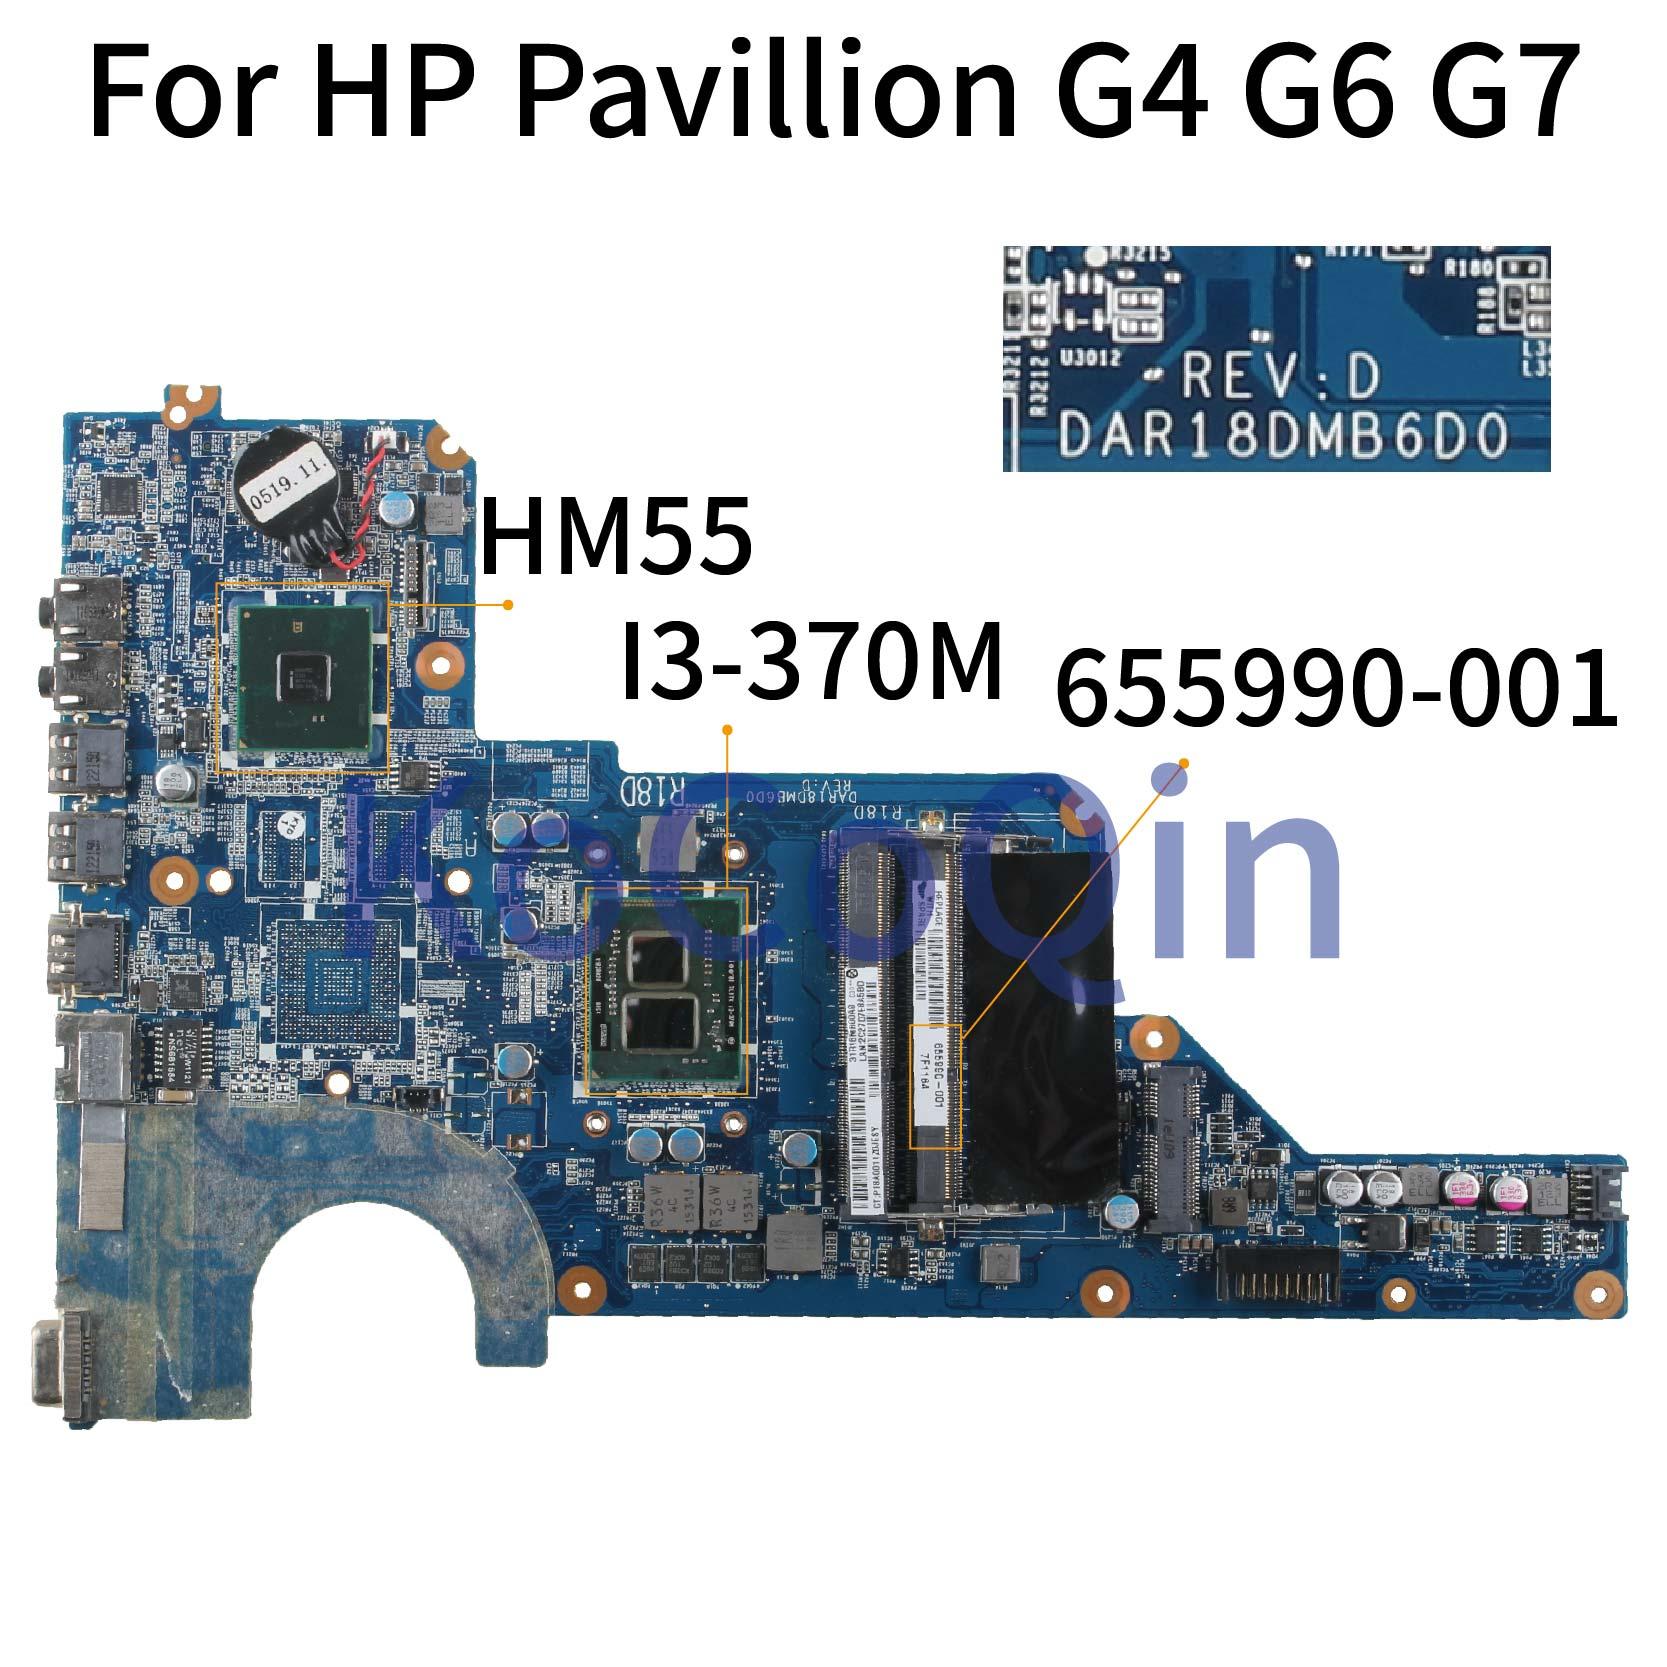 KoCoQin Laptop Motherboard For HP Pavillion G4 G6 G7 G4-1000 G6-1000 I3-370M Mainboard 655990-001 655990-501 DAR18DM86D0 HM55